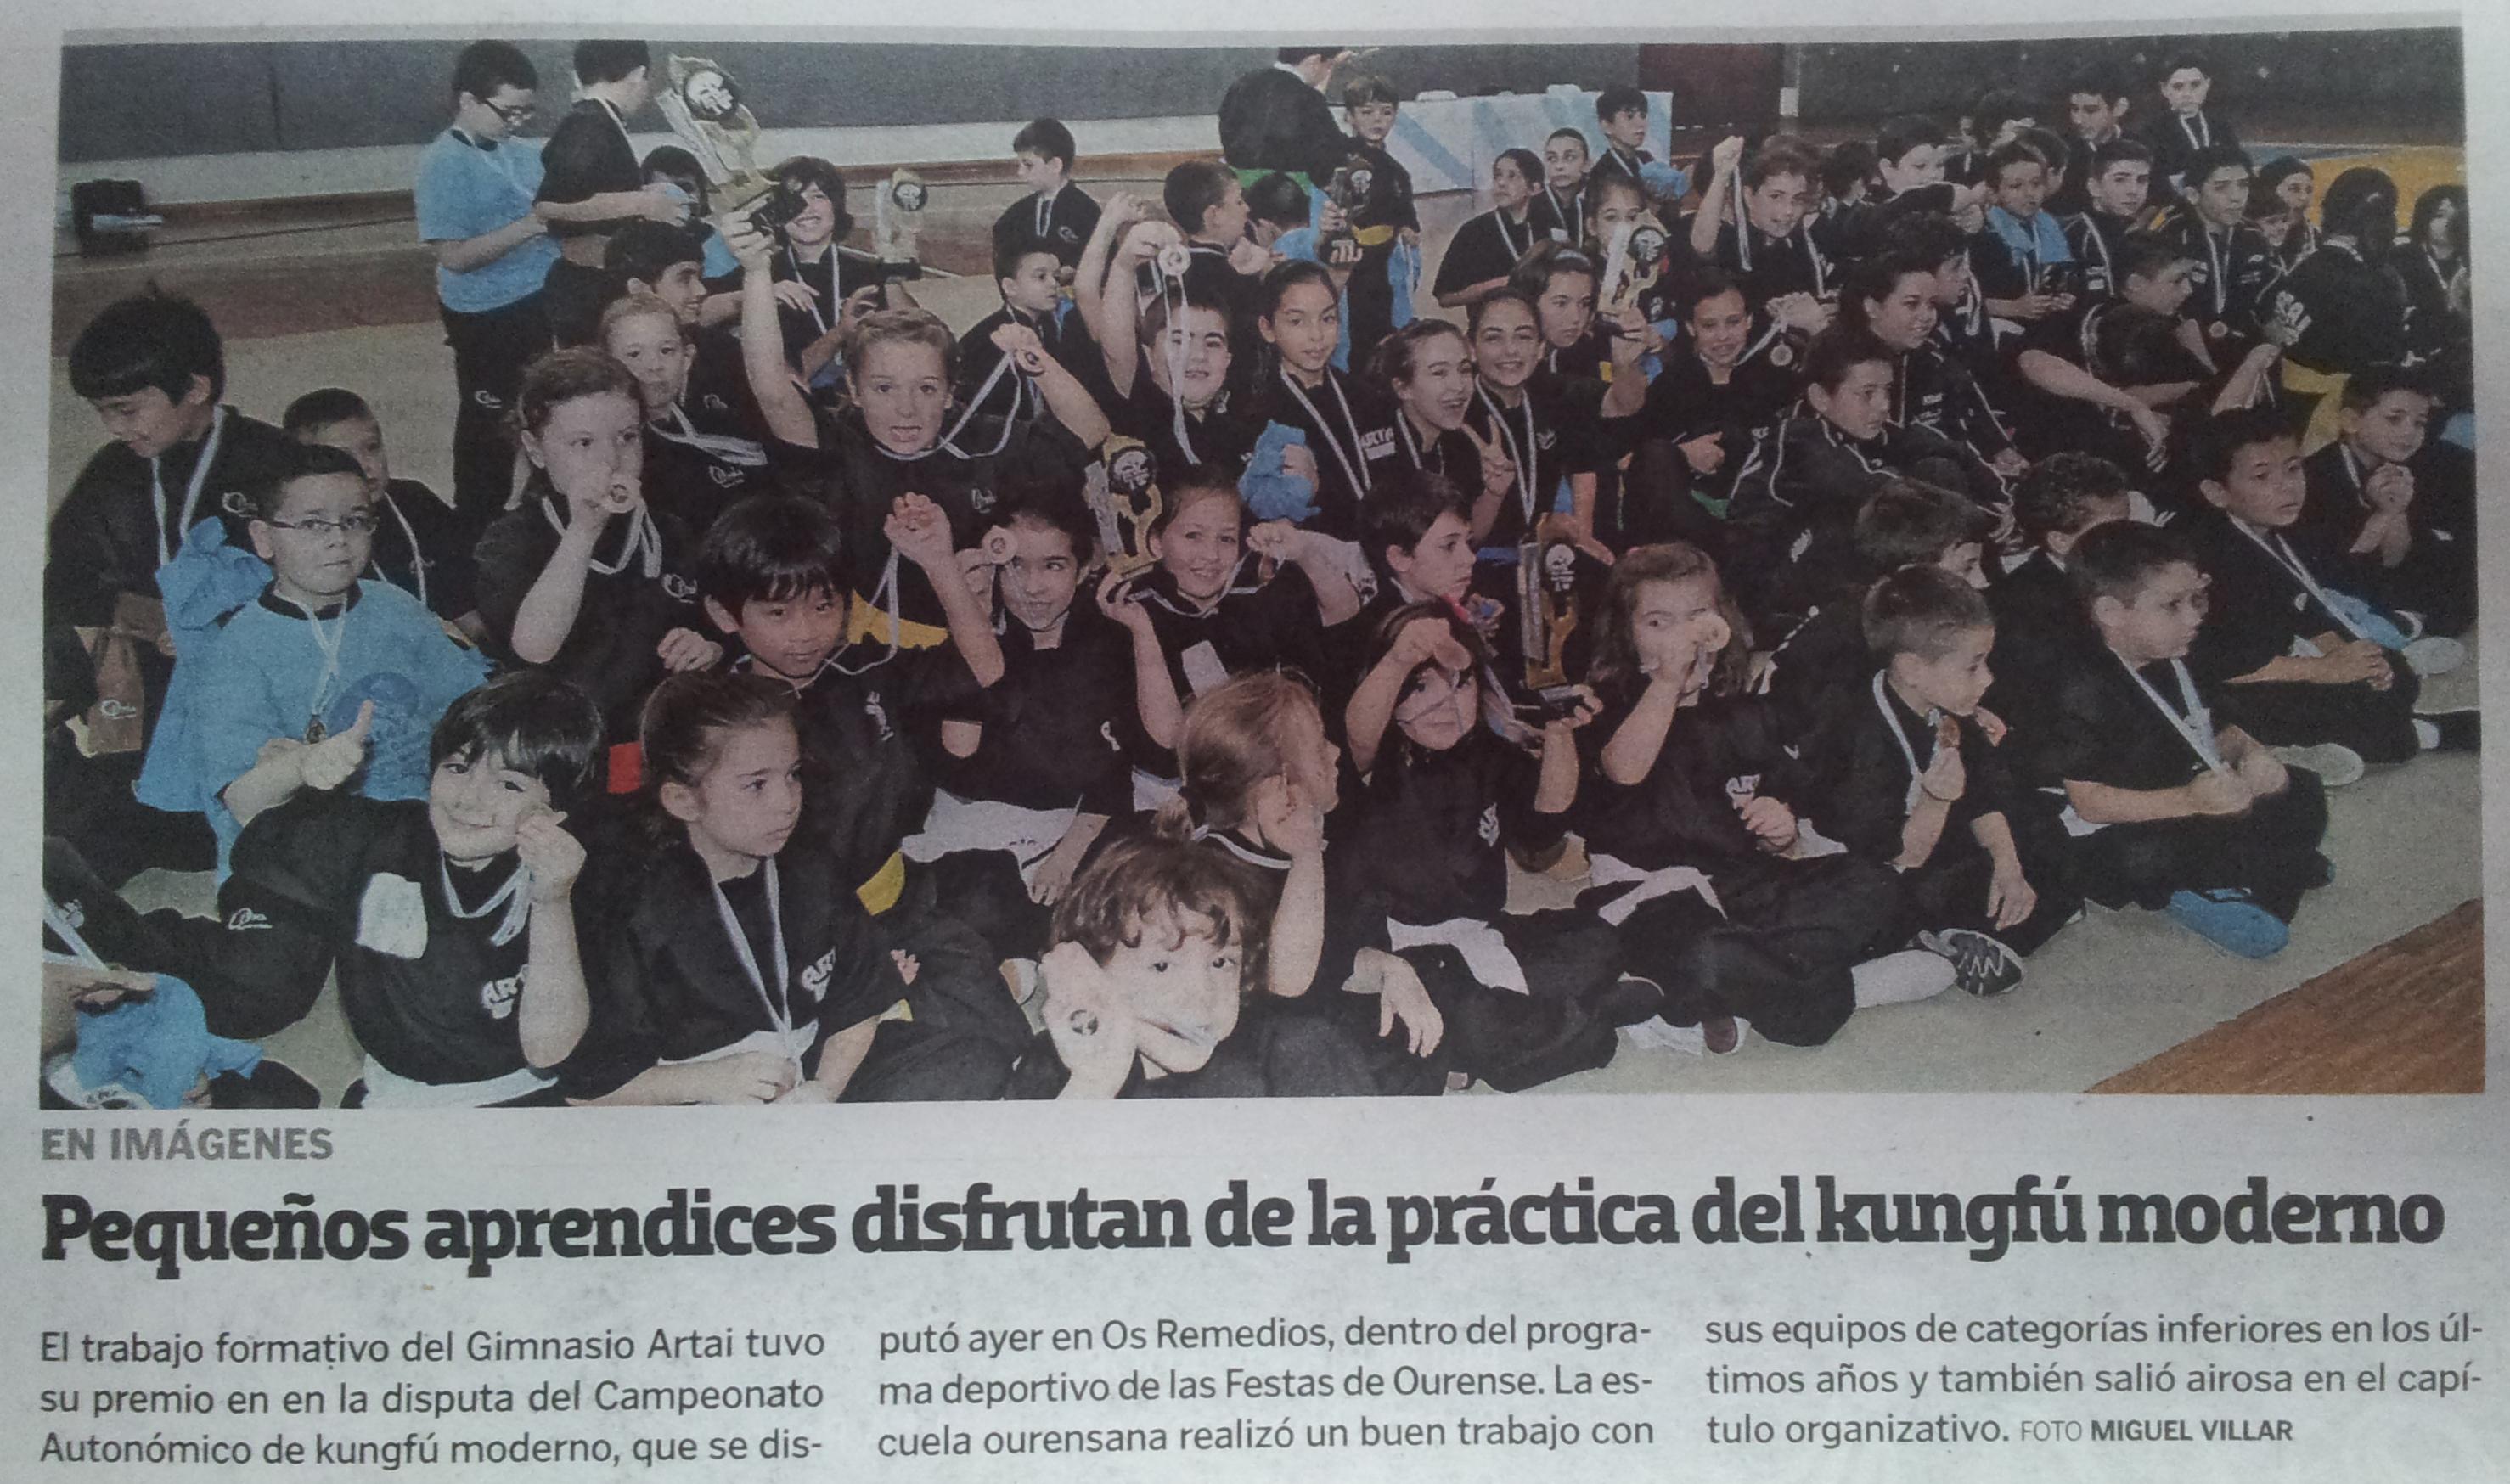 La Voz de Galicia 24/06/14